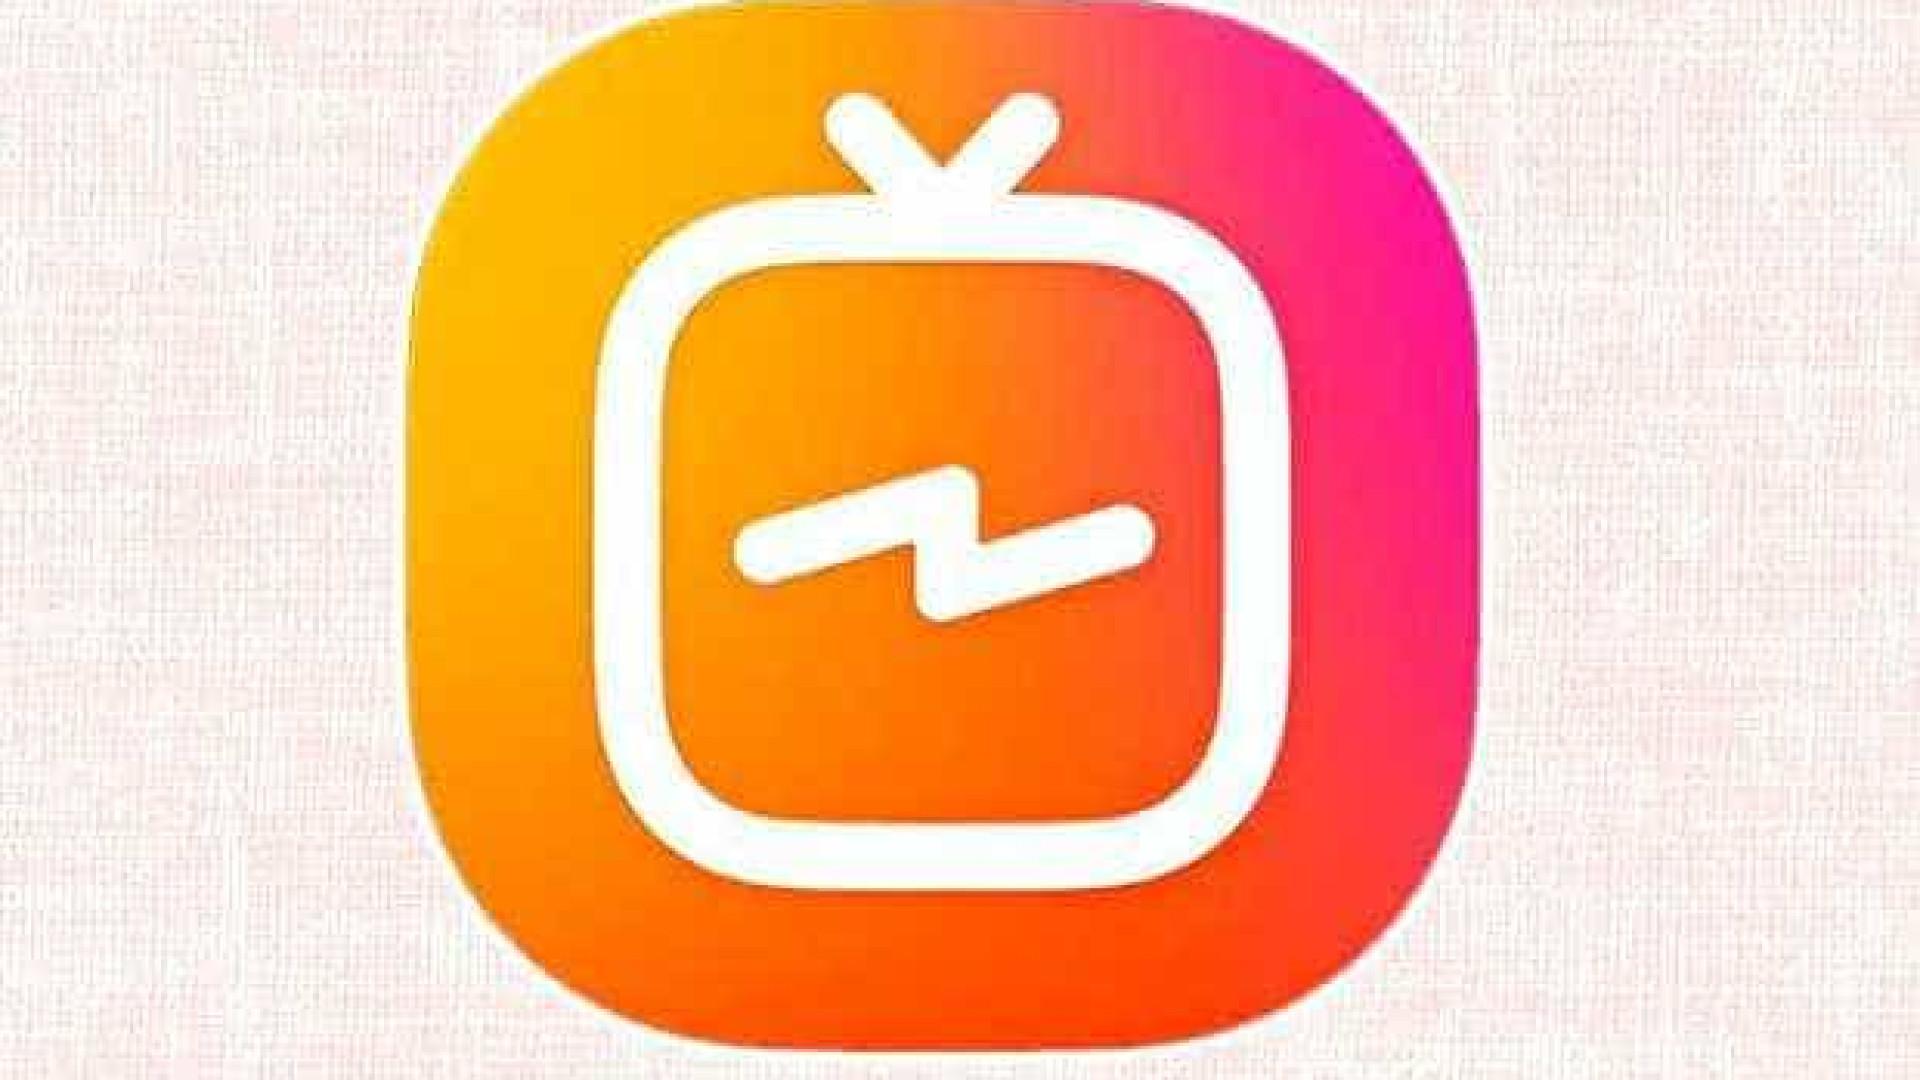 Descubra como criar um canal no IGTV